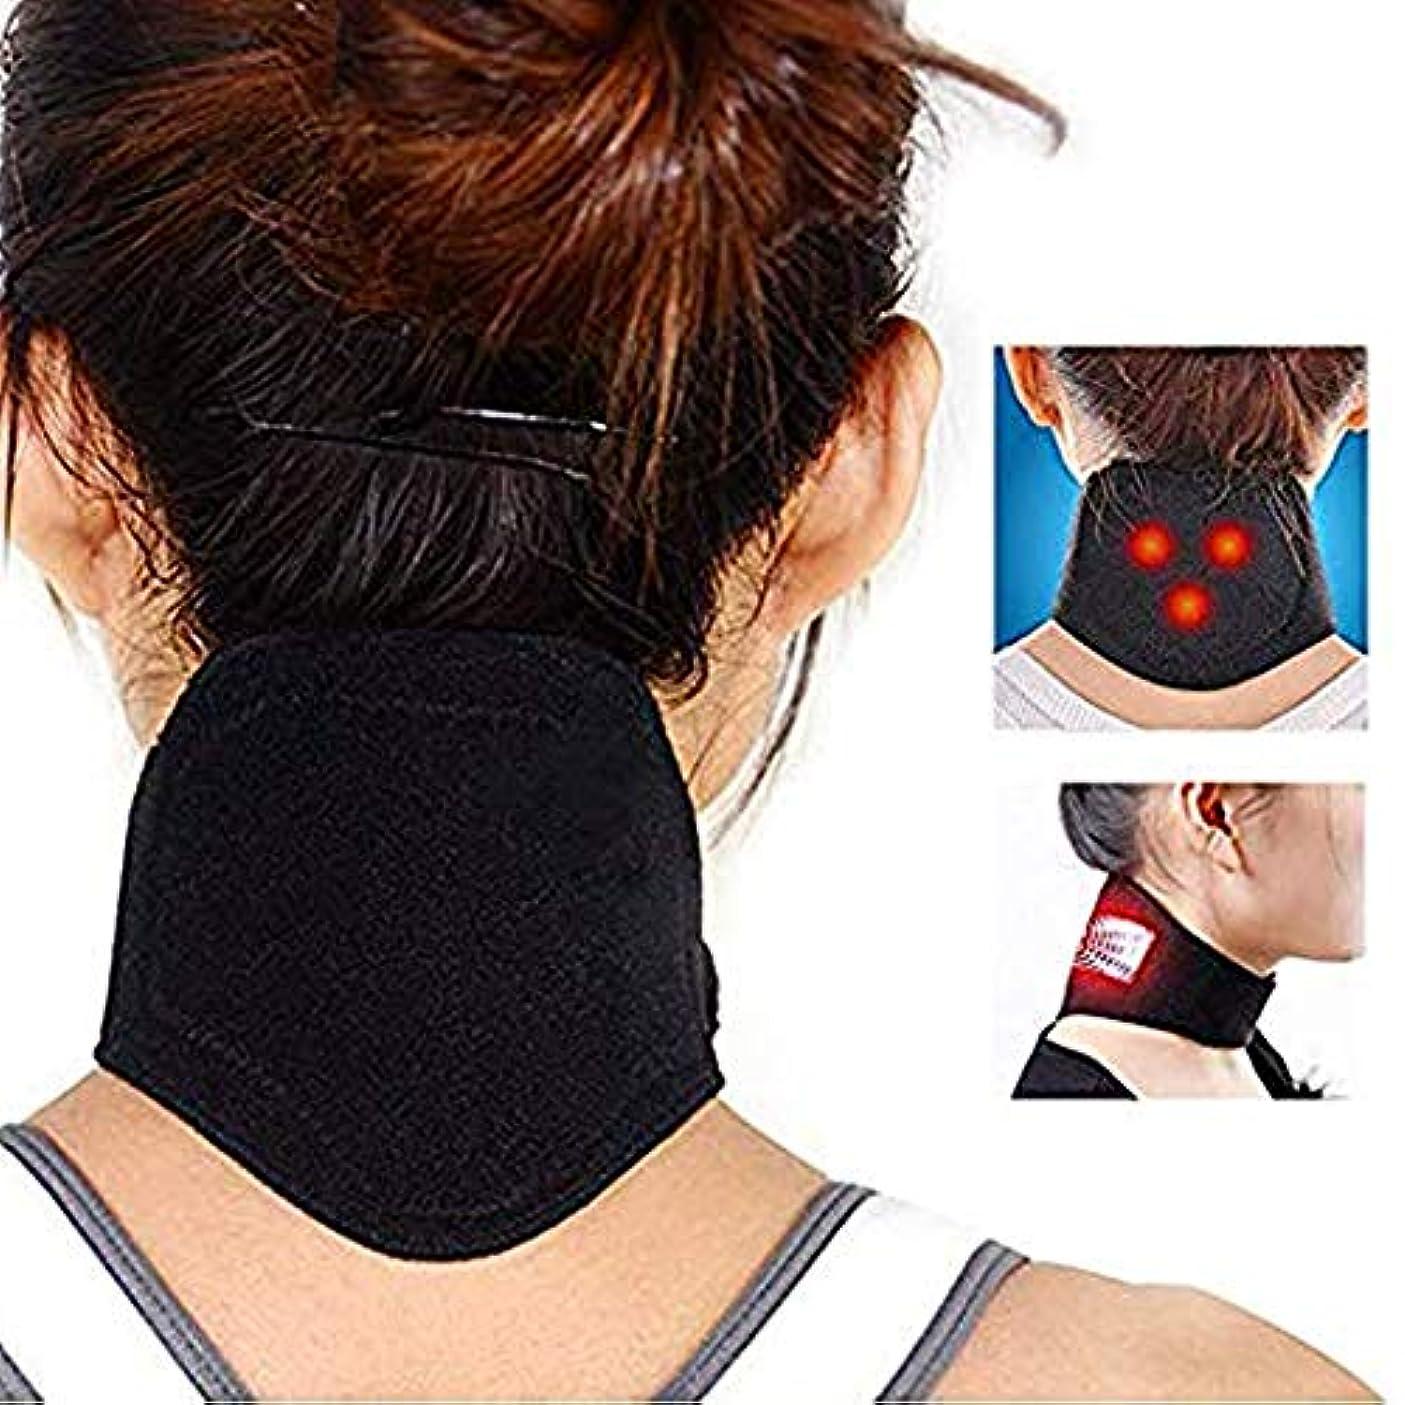 推定克服する忘れられないPichidr-JP ネックバックストラップ自己発熱サーマルネックパッド、疼痛緩和のための調節可能な治療装具および家庭、オ??フィス、屋外のための筋肉弛緩